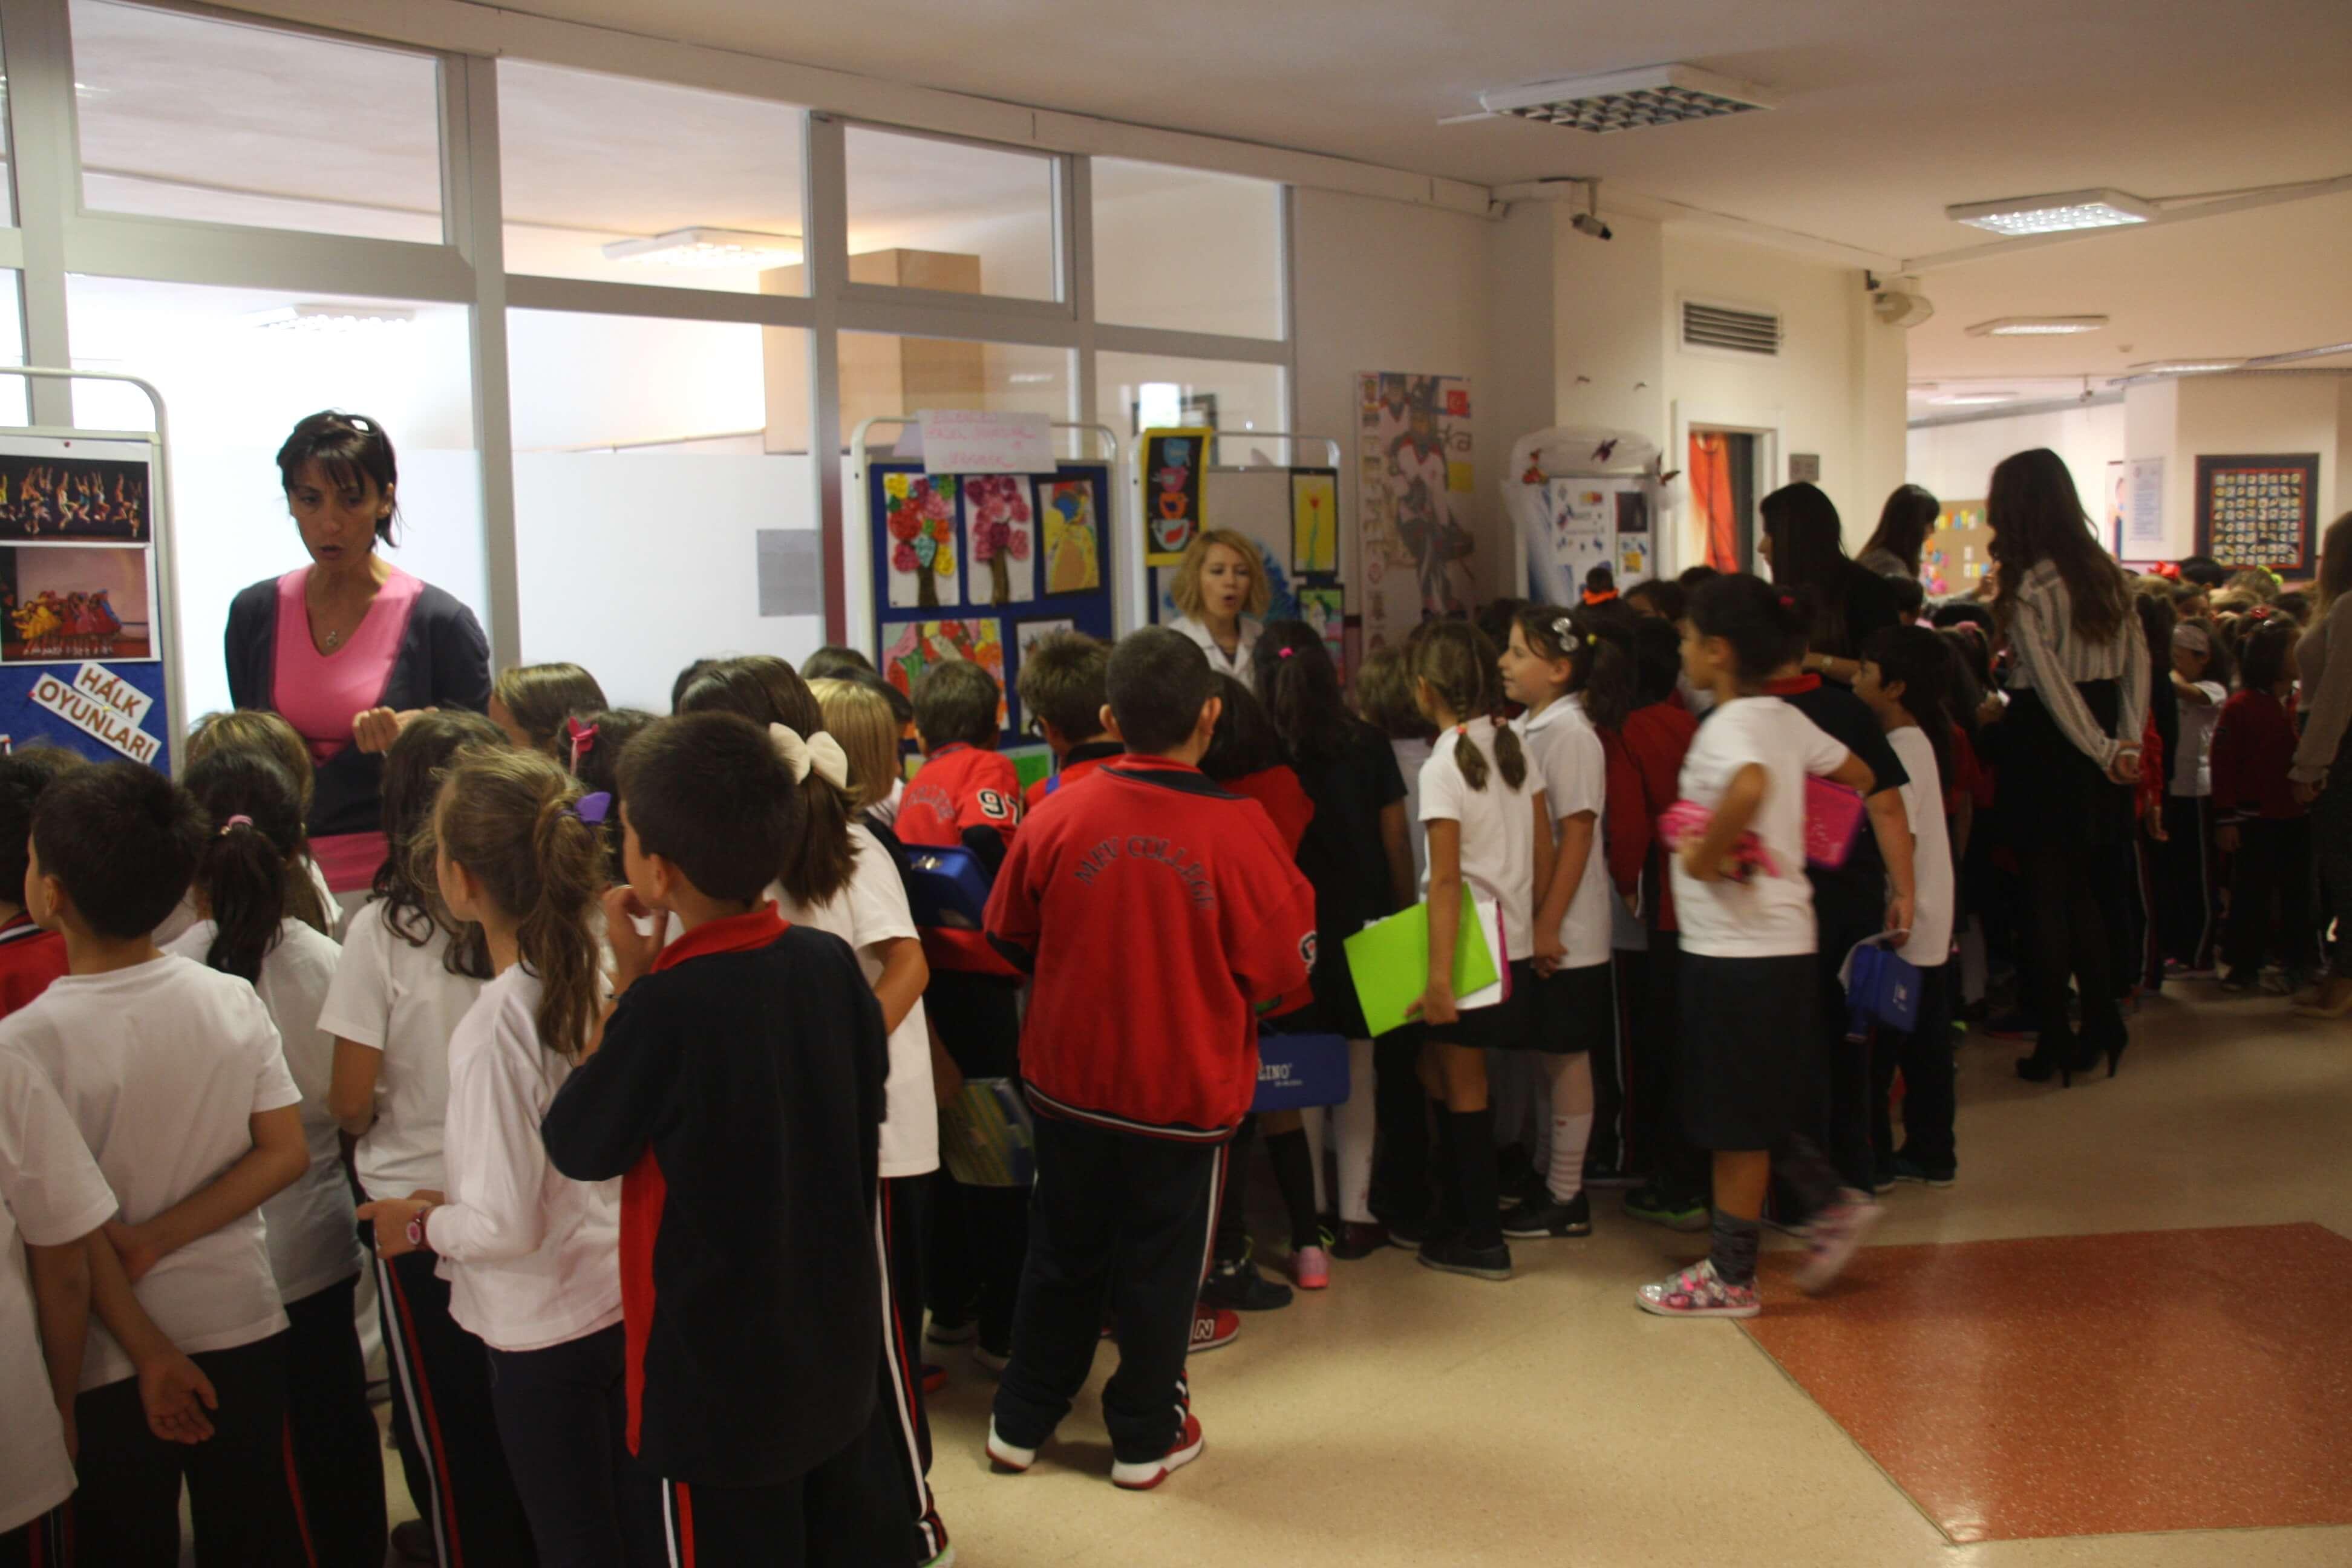 İlkokul Sınıflarımıza Okulumuzun Kulüpleri Tanıtıldı